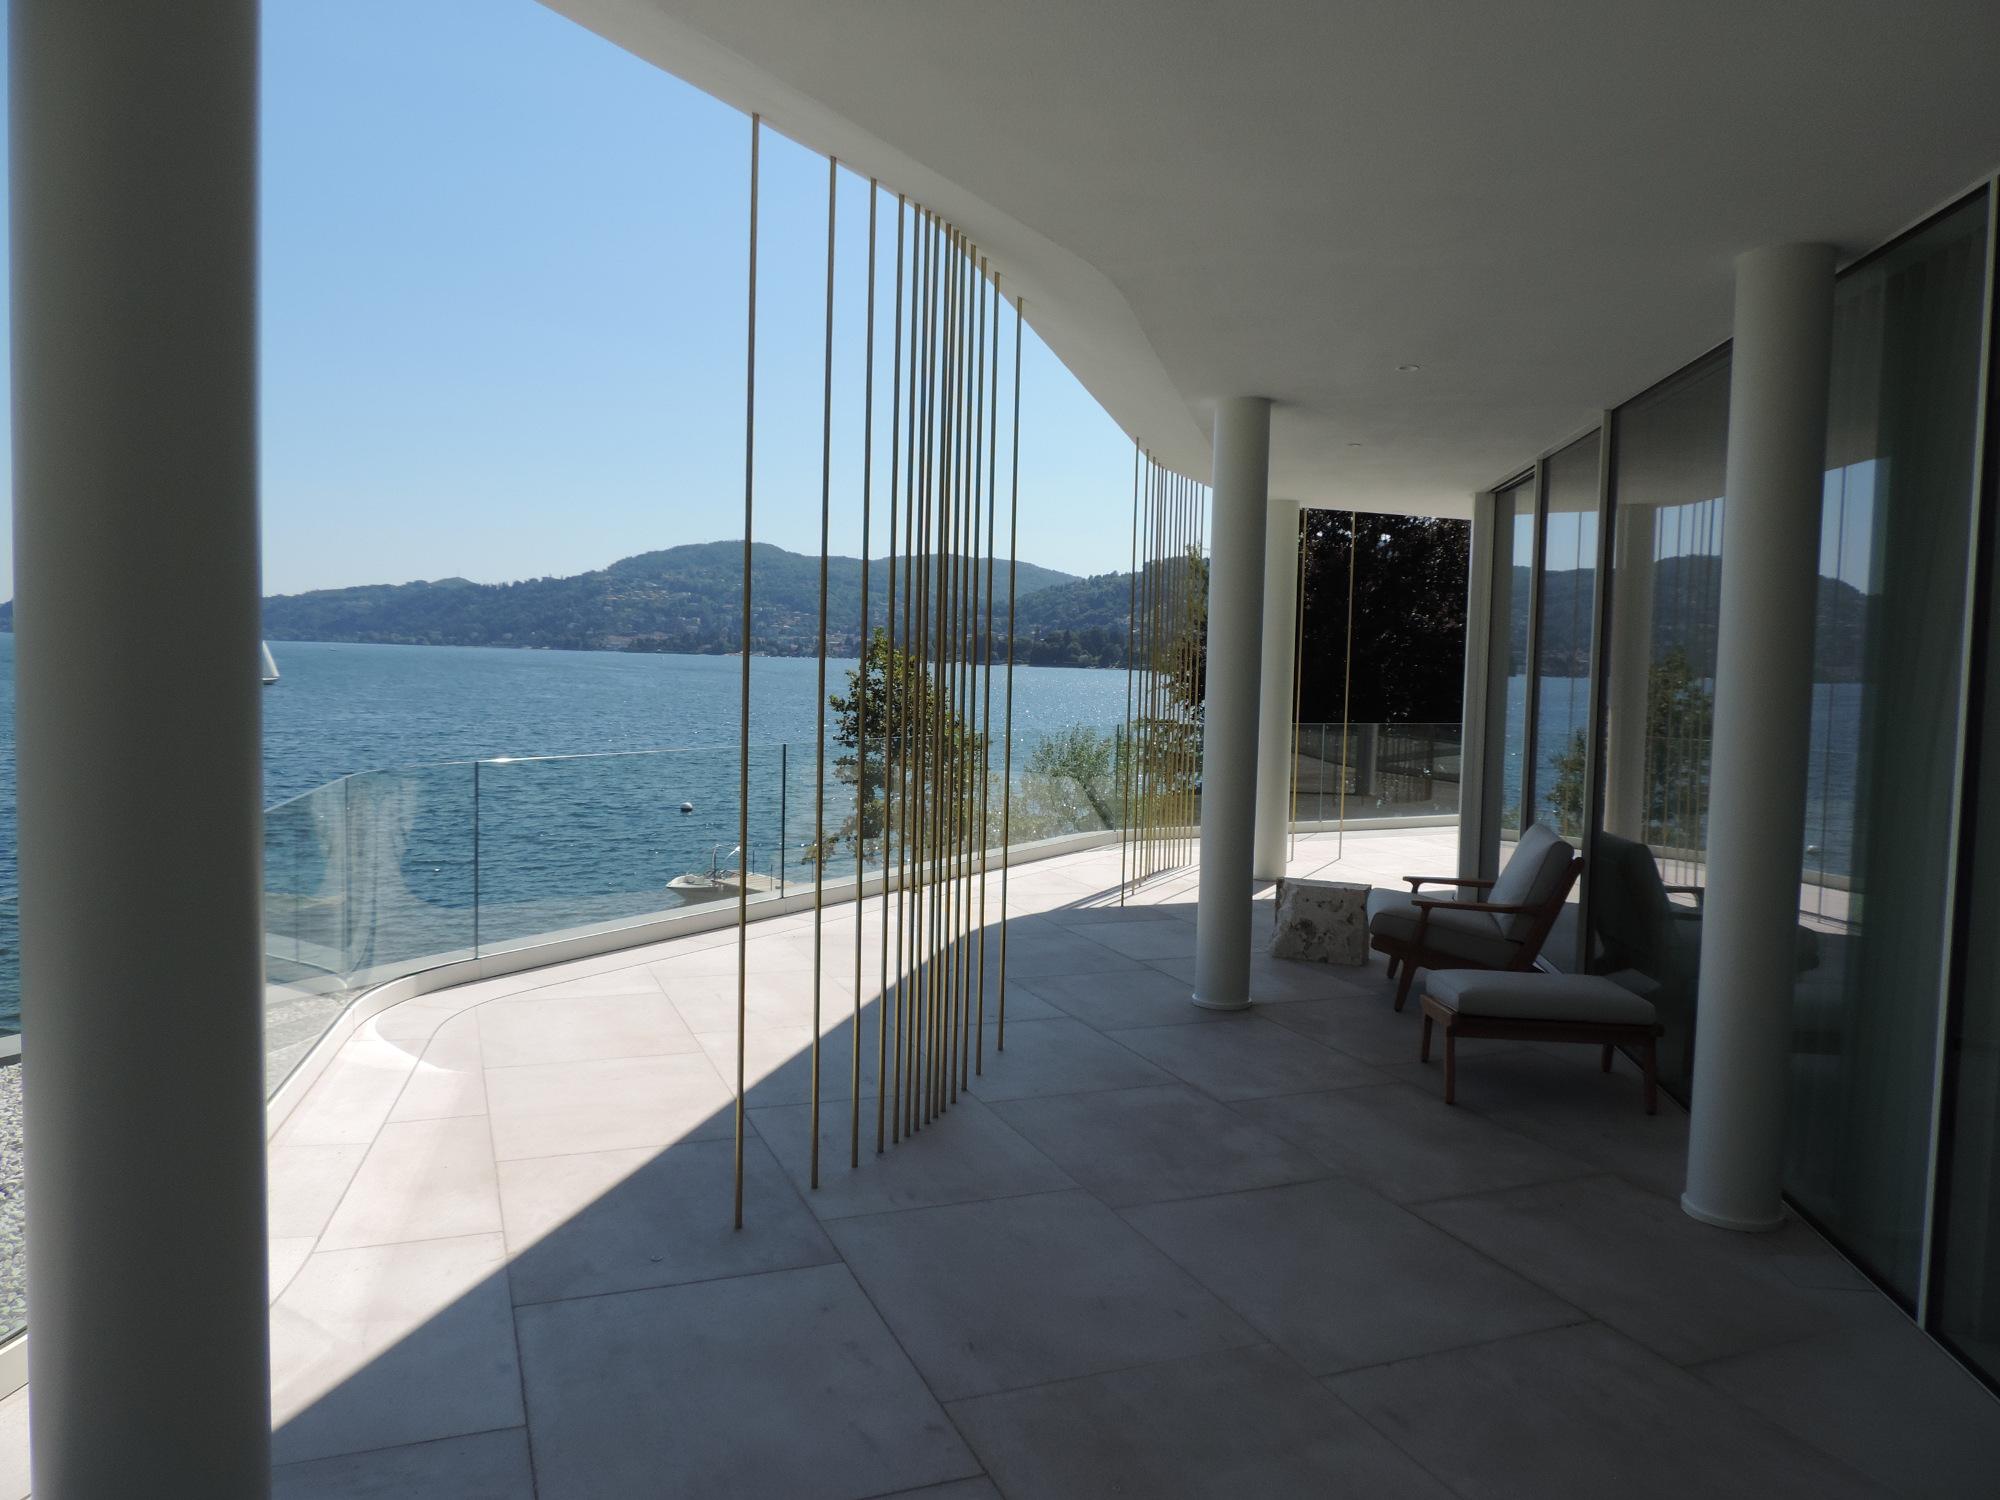 0718_RobertoManzetti-Architetto-NeuHouse-20